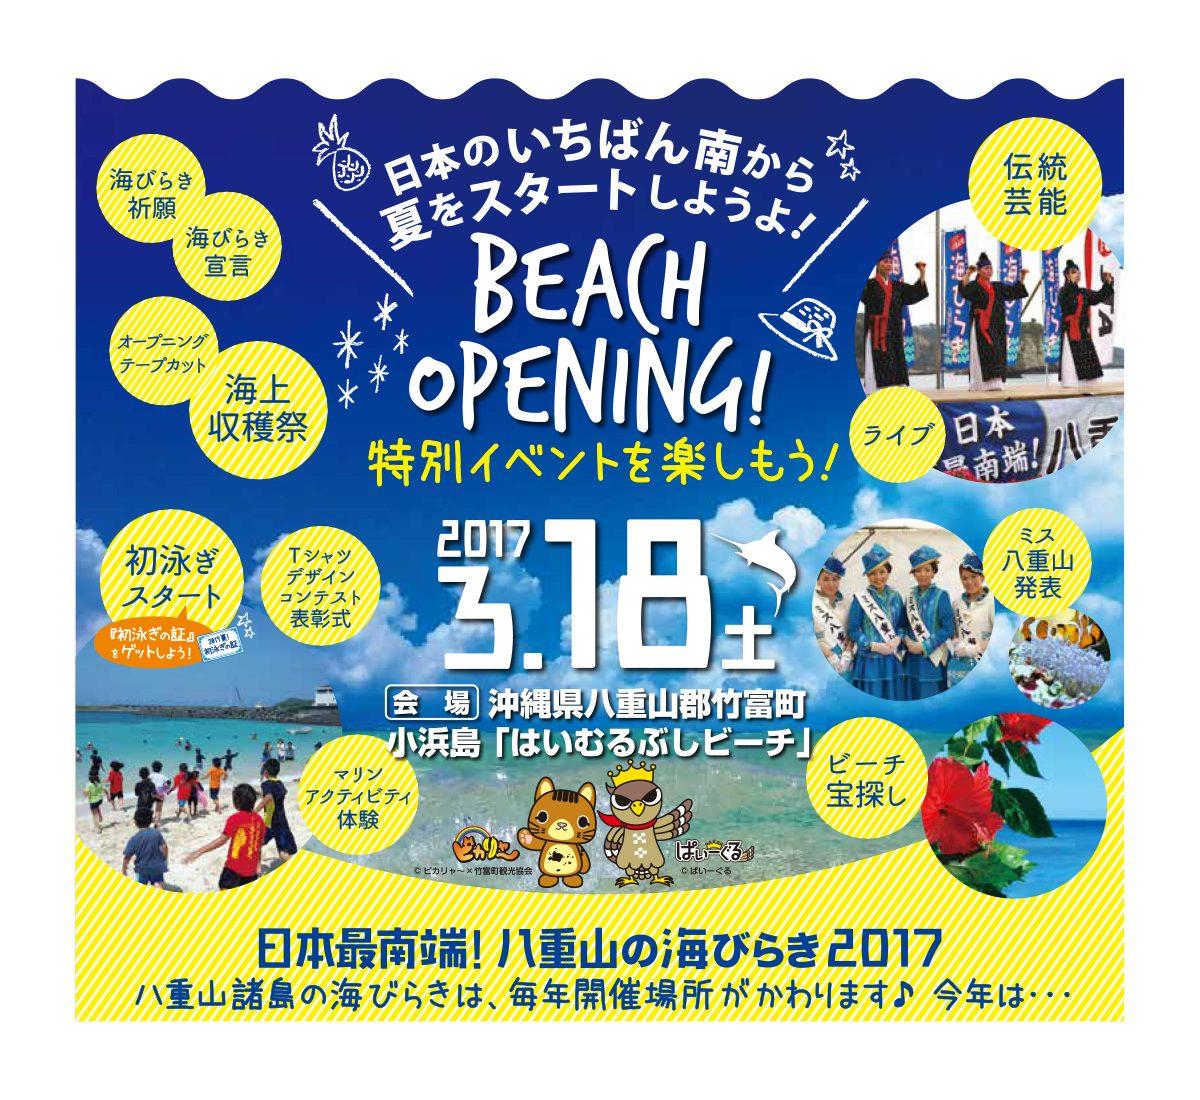 日本最南端!八重山の海びらき2017